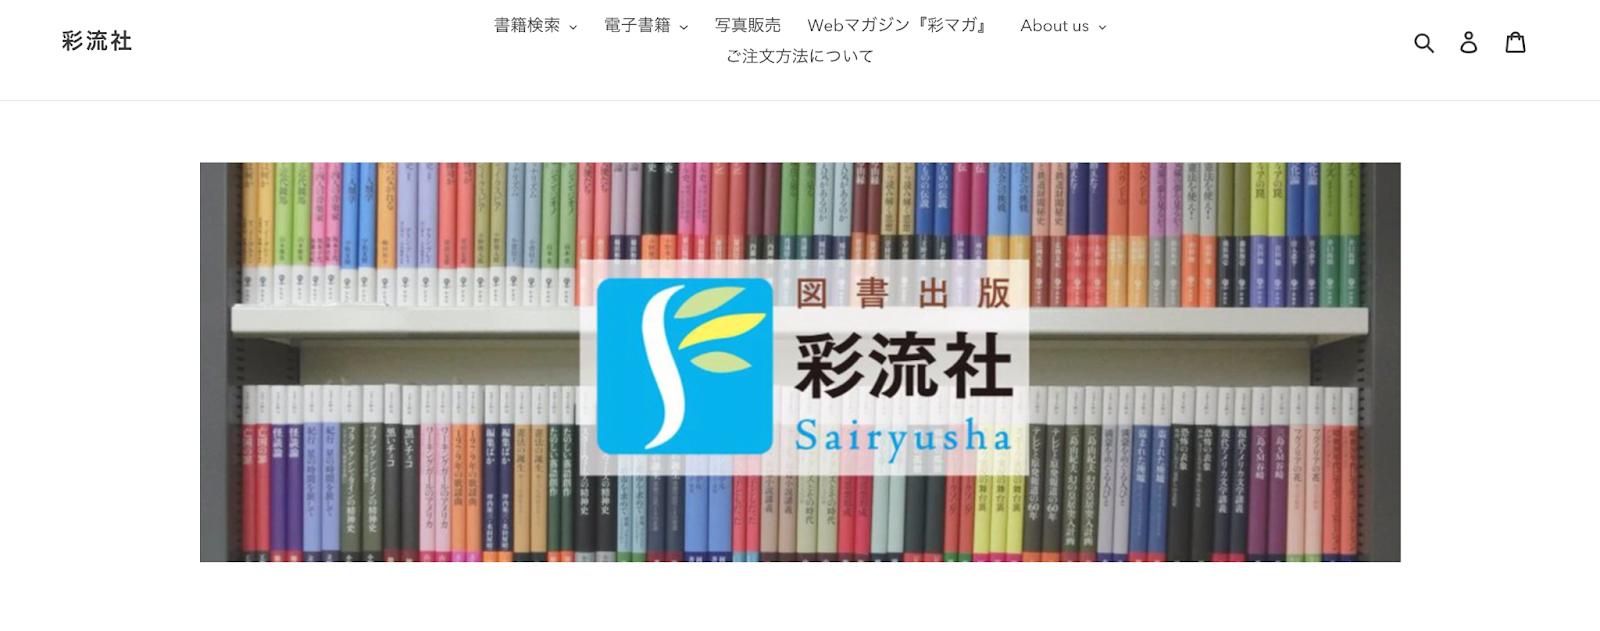 shopify デジタルコンテンツ 成功事例 株式会社彩流社